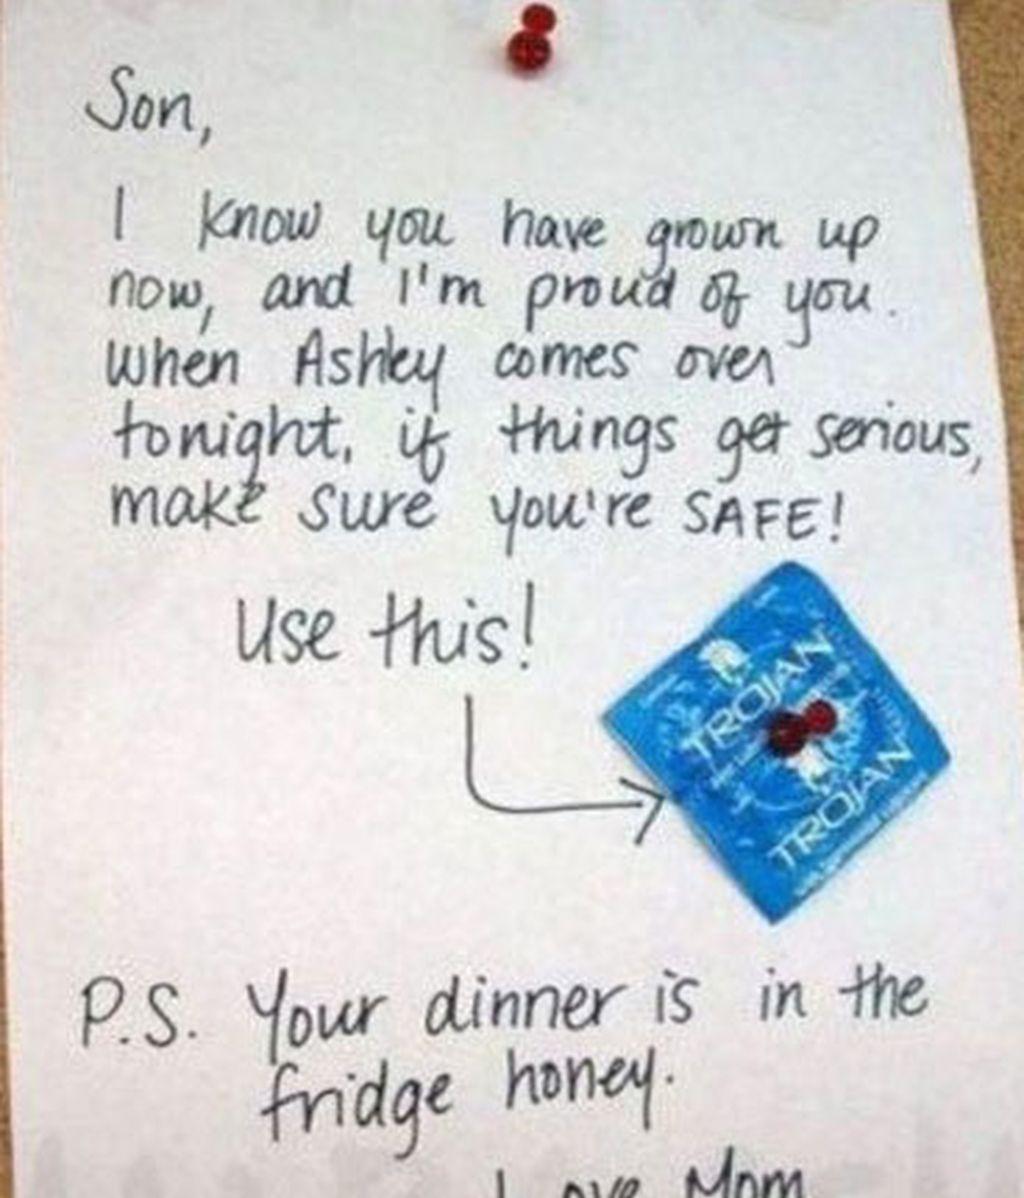 Una madre preocupada deja un condón a su hijo para una cita pero ¡algo falla!